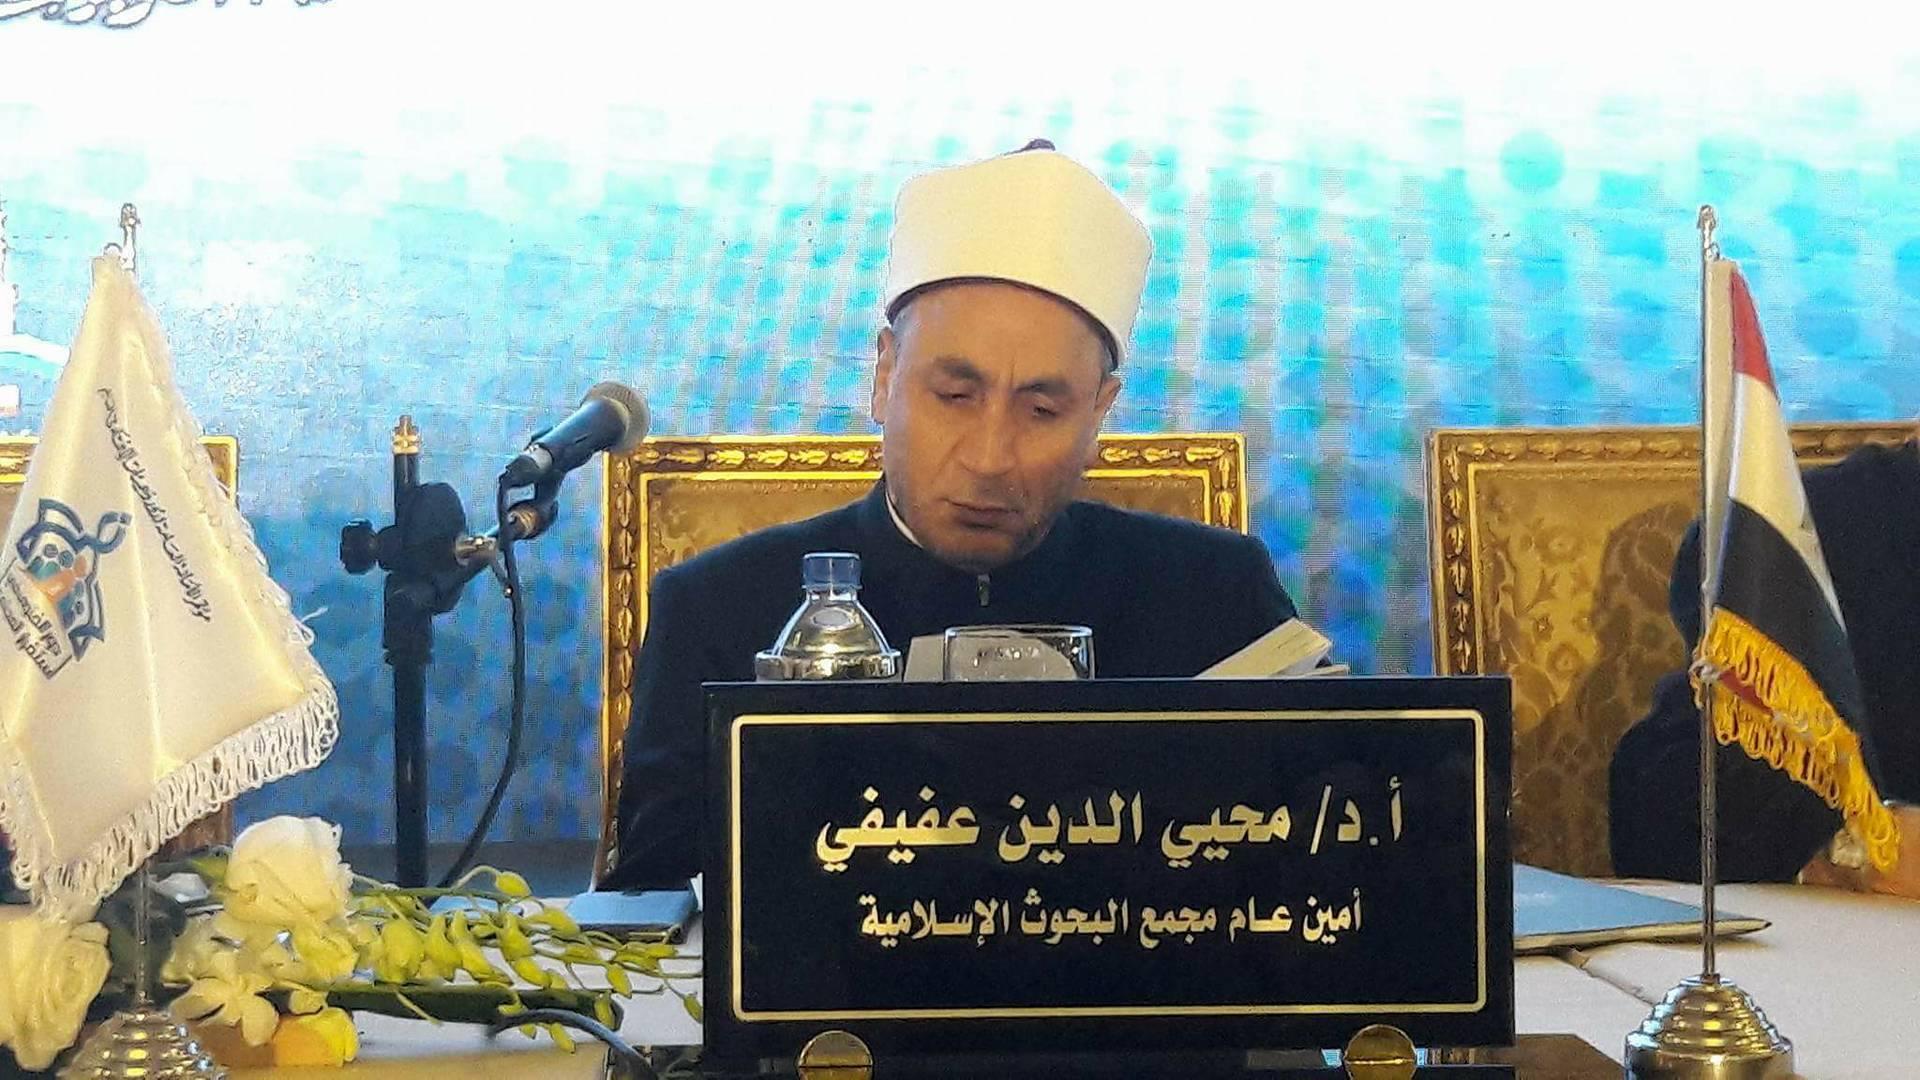 «البحوث الإسلامية» تدعم سيناء 2018 بحملة توعية للمواطنين عن دور الجيش المصرى   قناة الغد